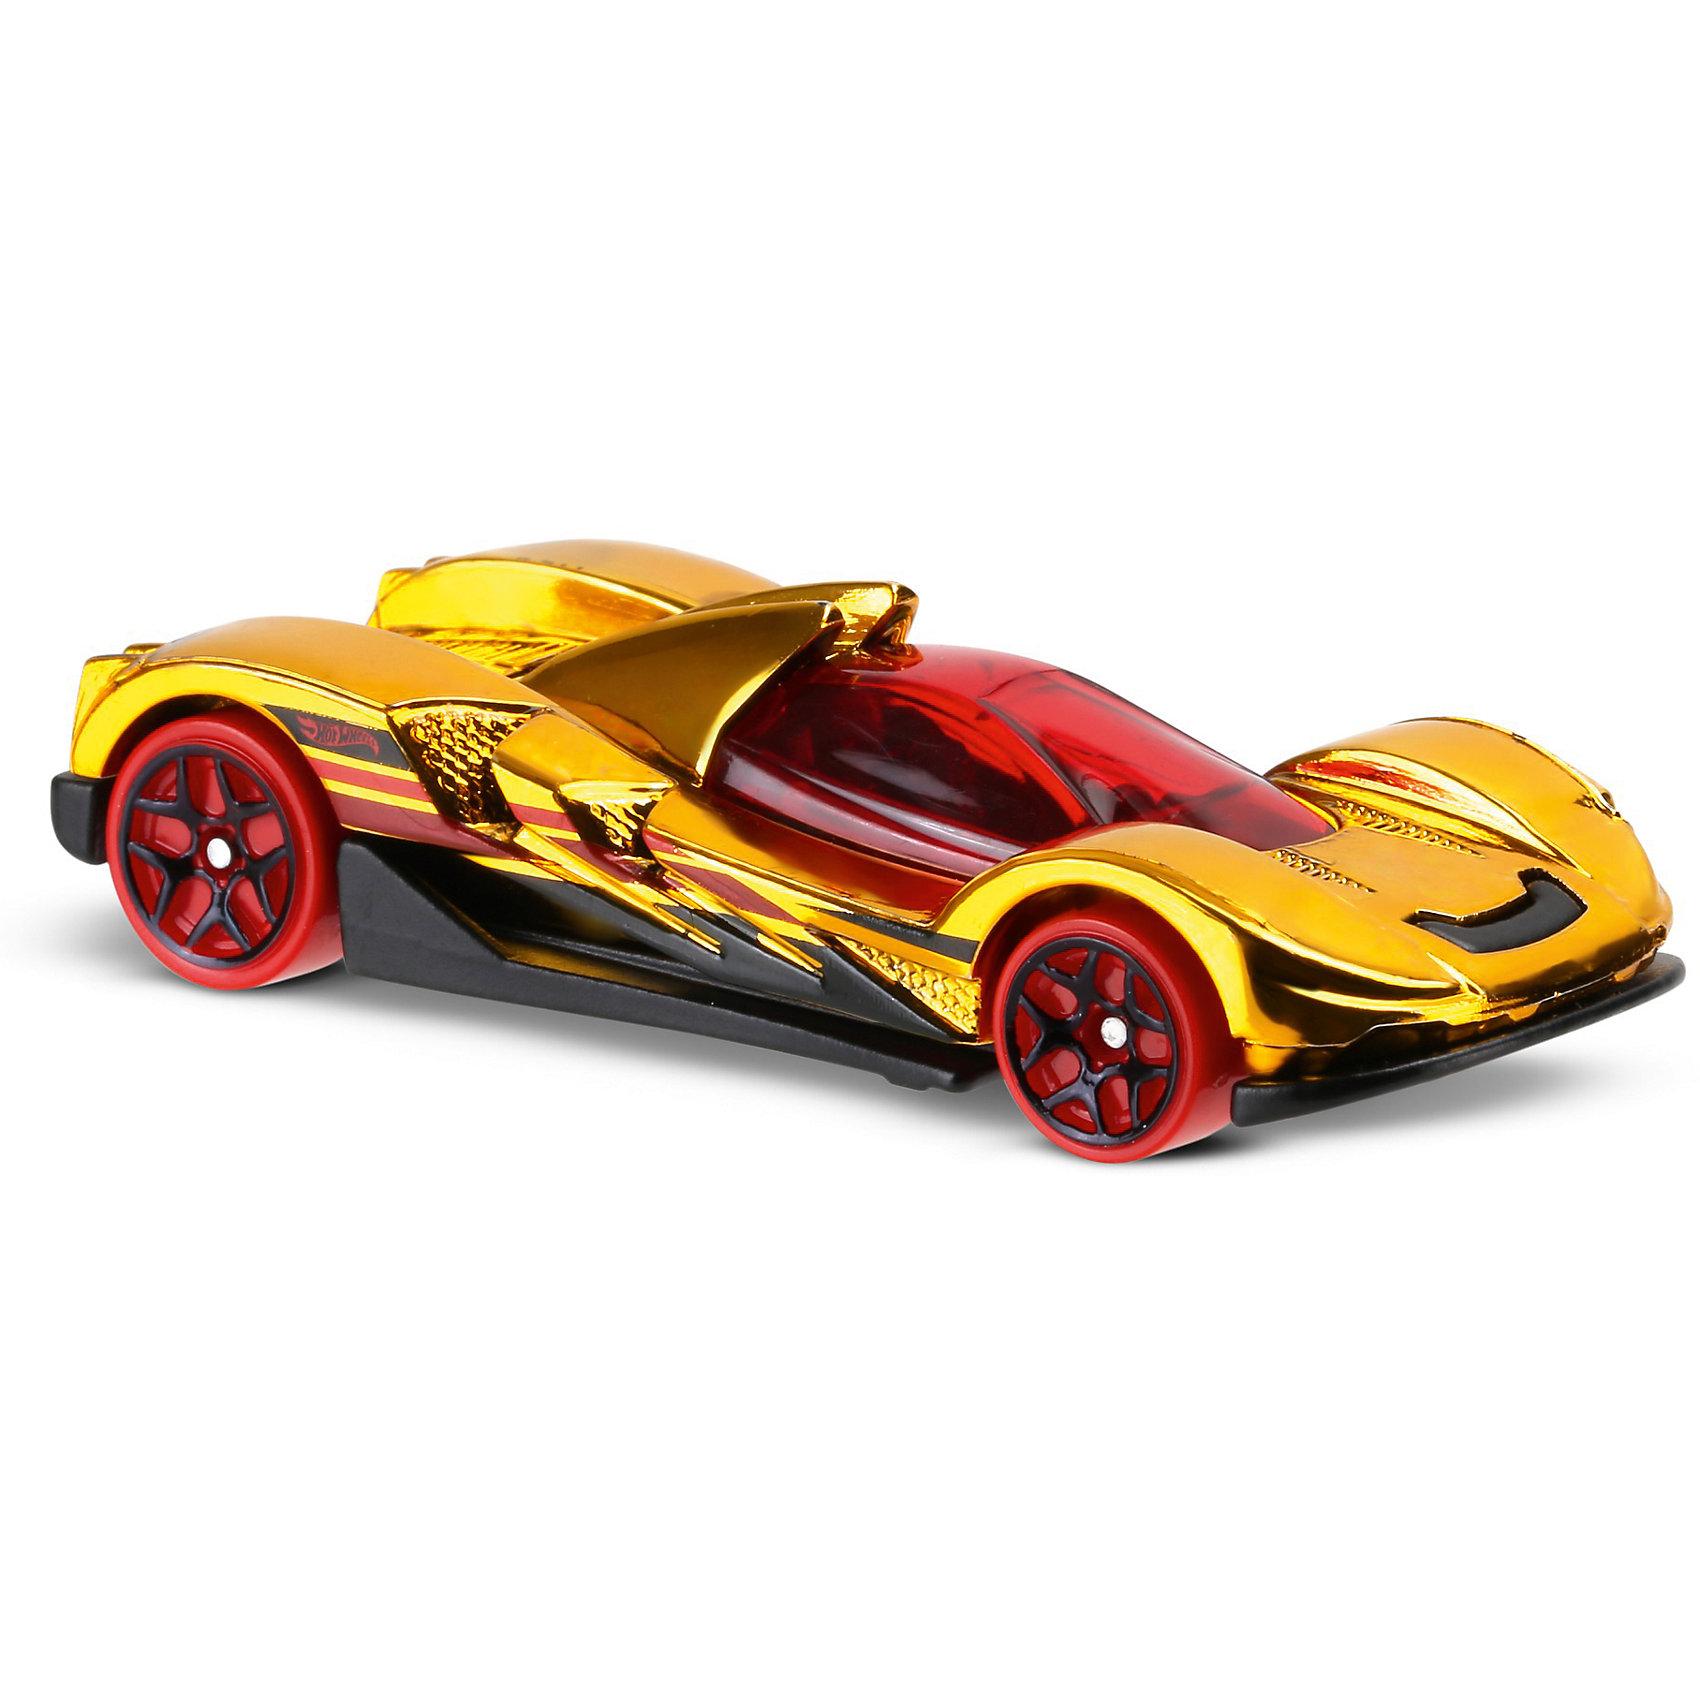 Mattel Машинка Hot Wheels из базовой коллекции электромеханическая машинка синяя 33 см hot wheels